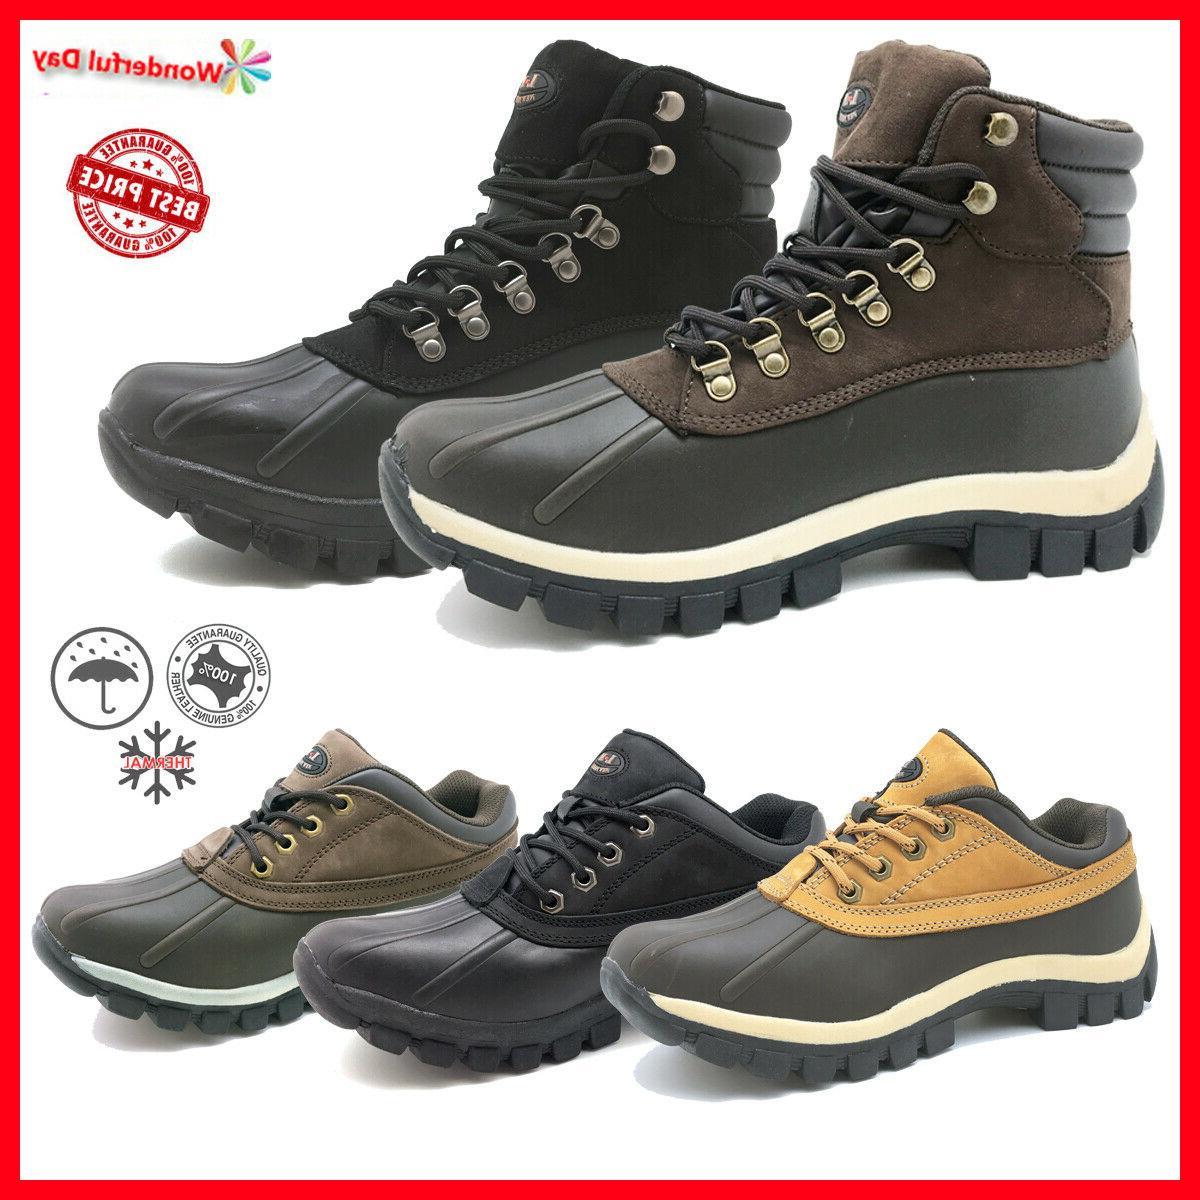 lm men s winter snow boots shoes